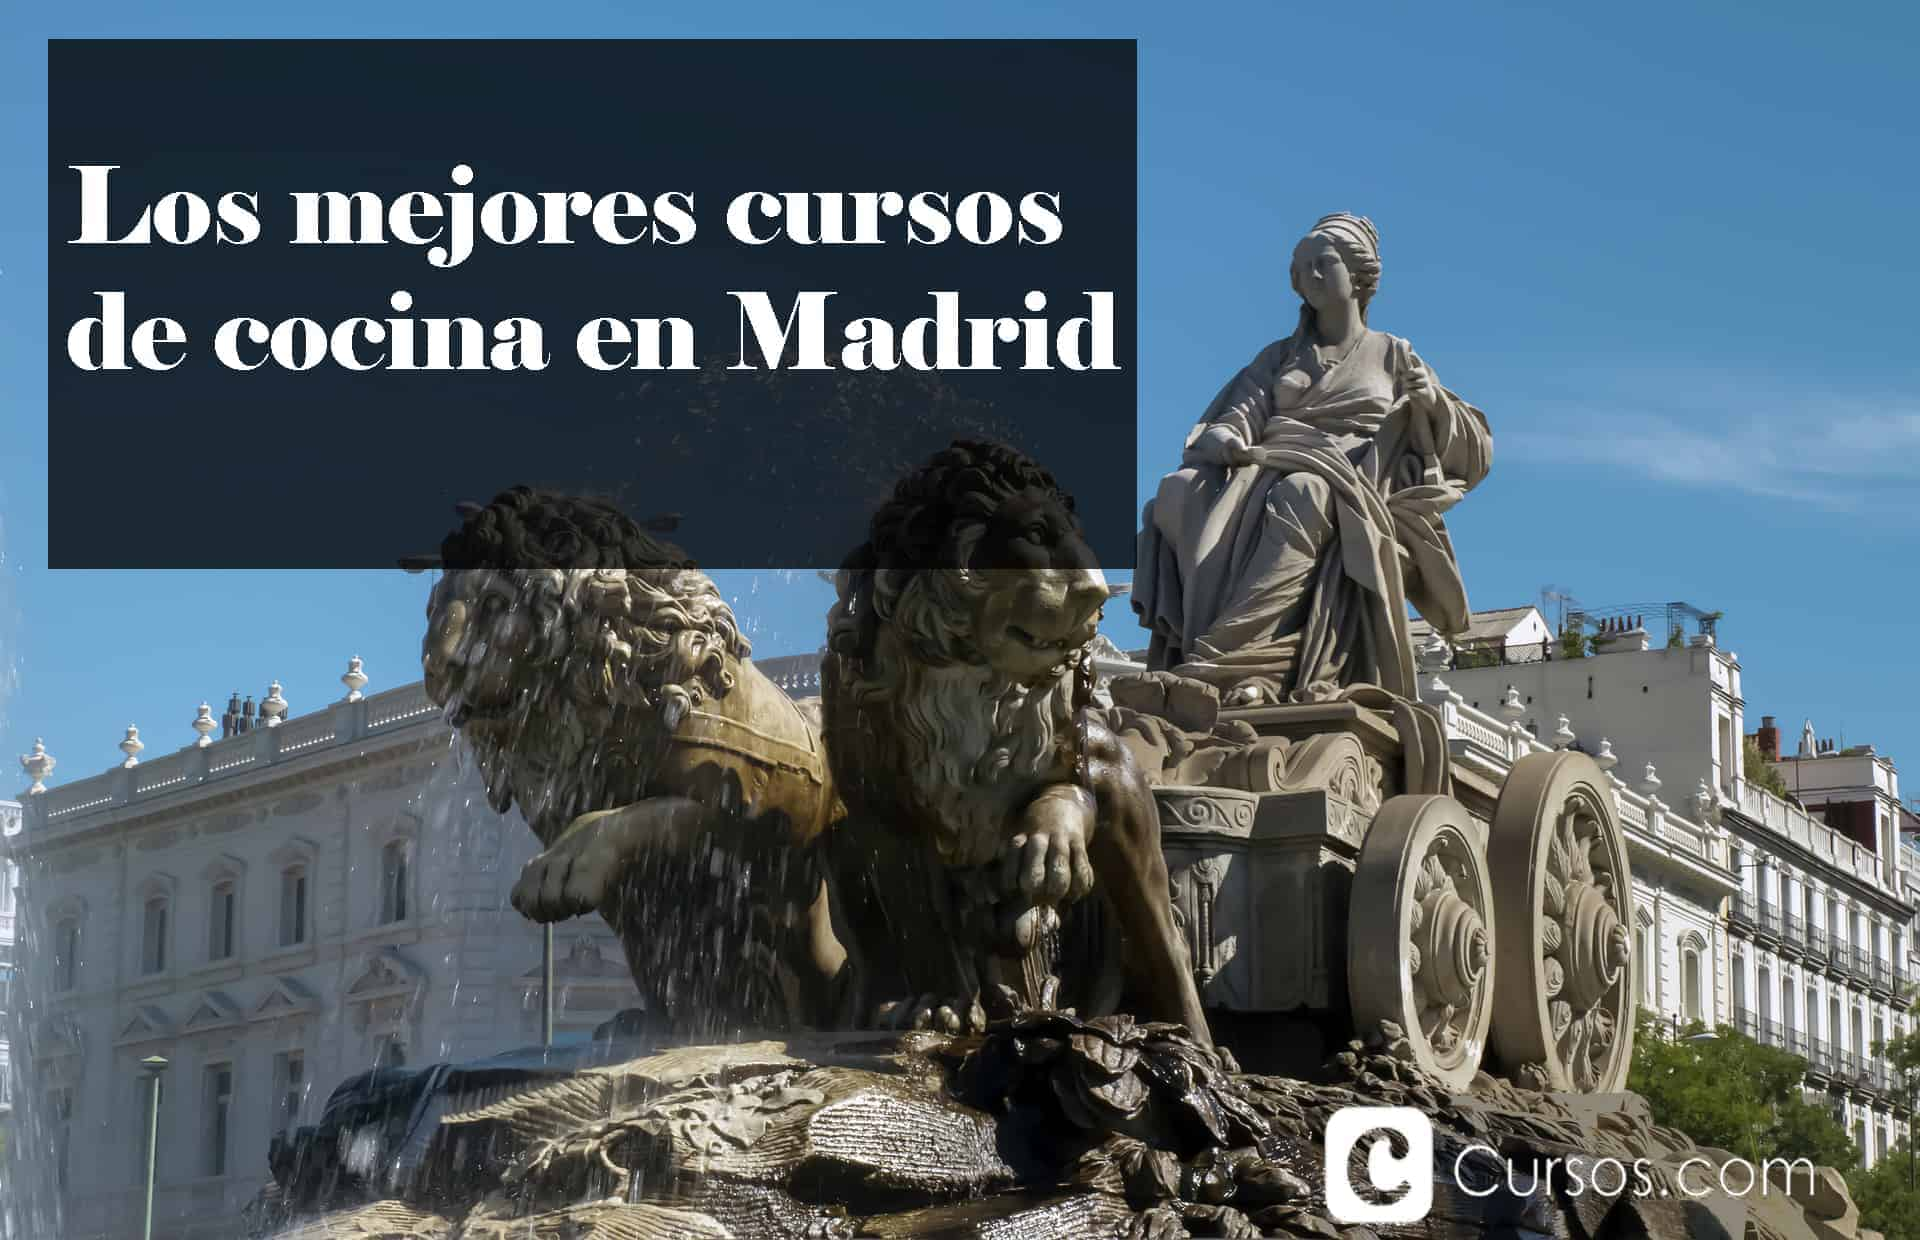 ¿Cuáles son los mejores cursos de cocina en Madrid?